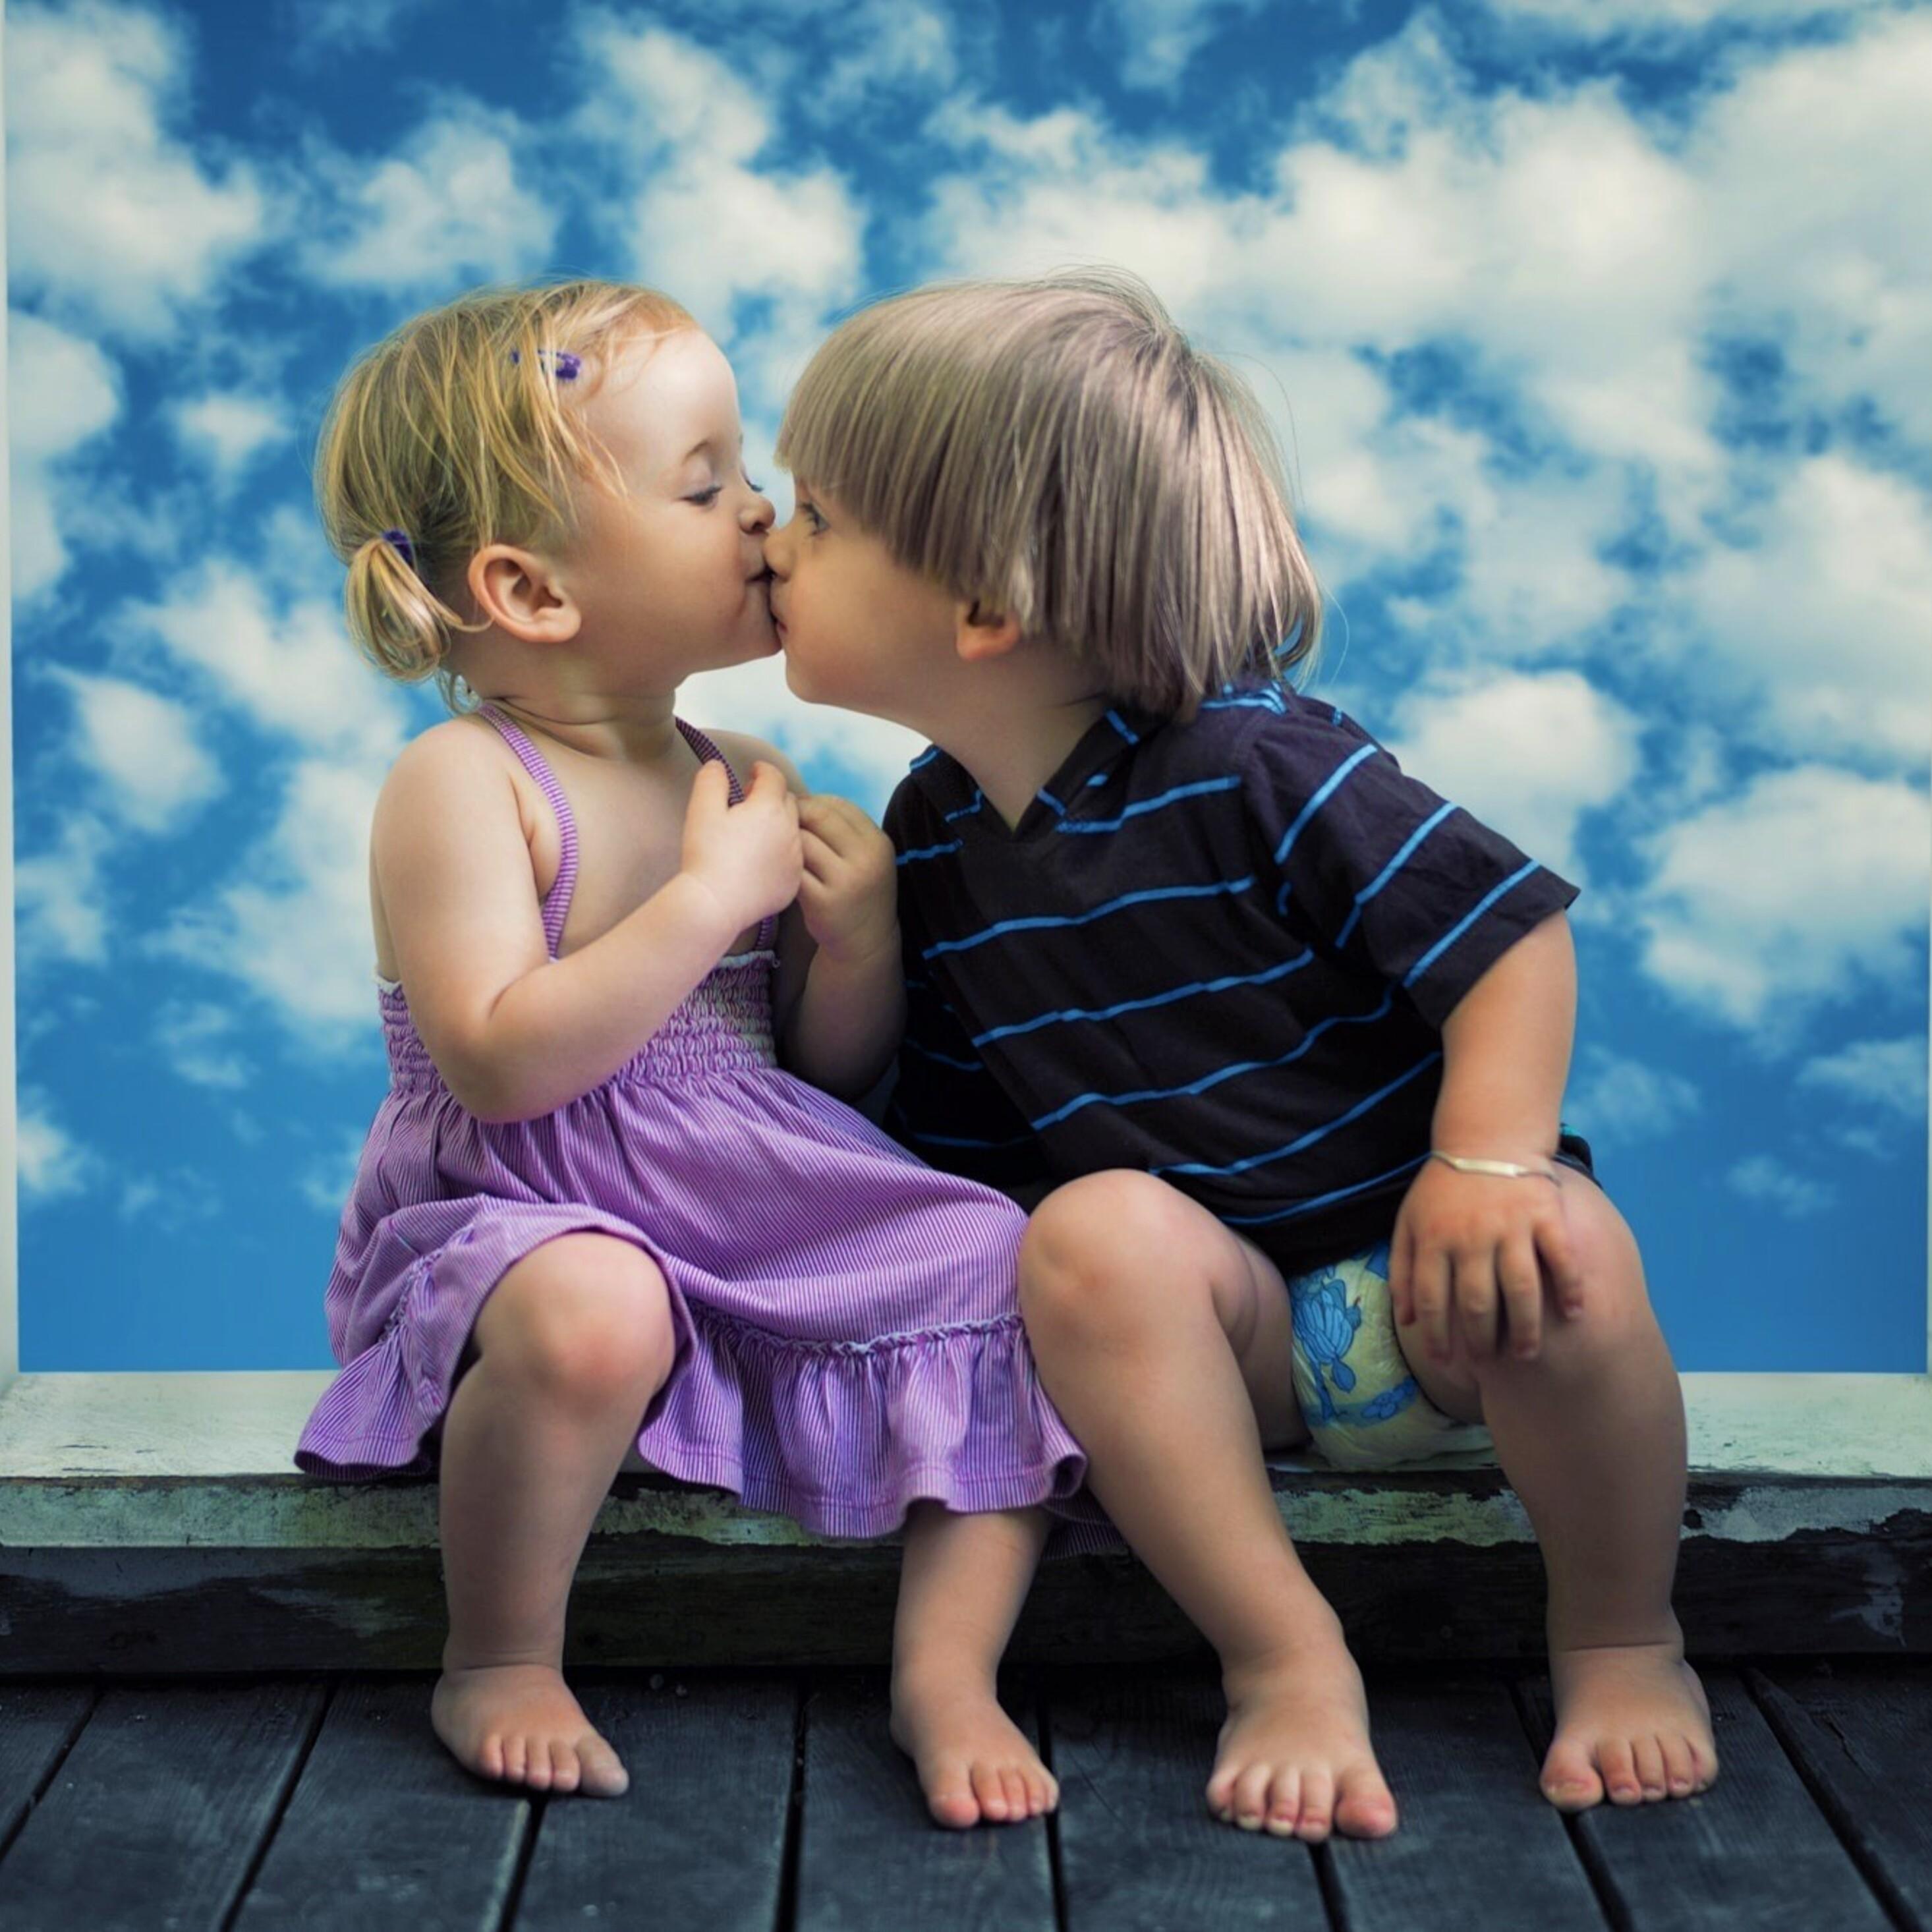 Дети целуются: картинки и фото дети целуются, скачать рисунок 16